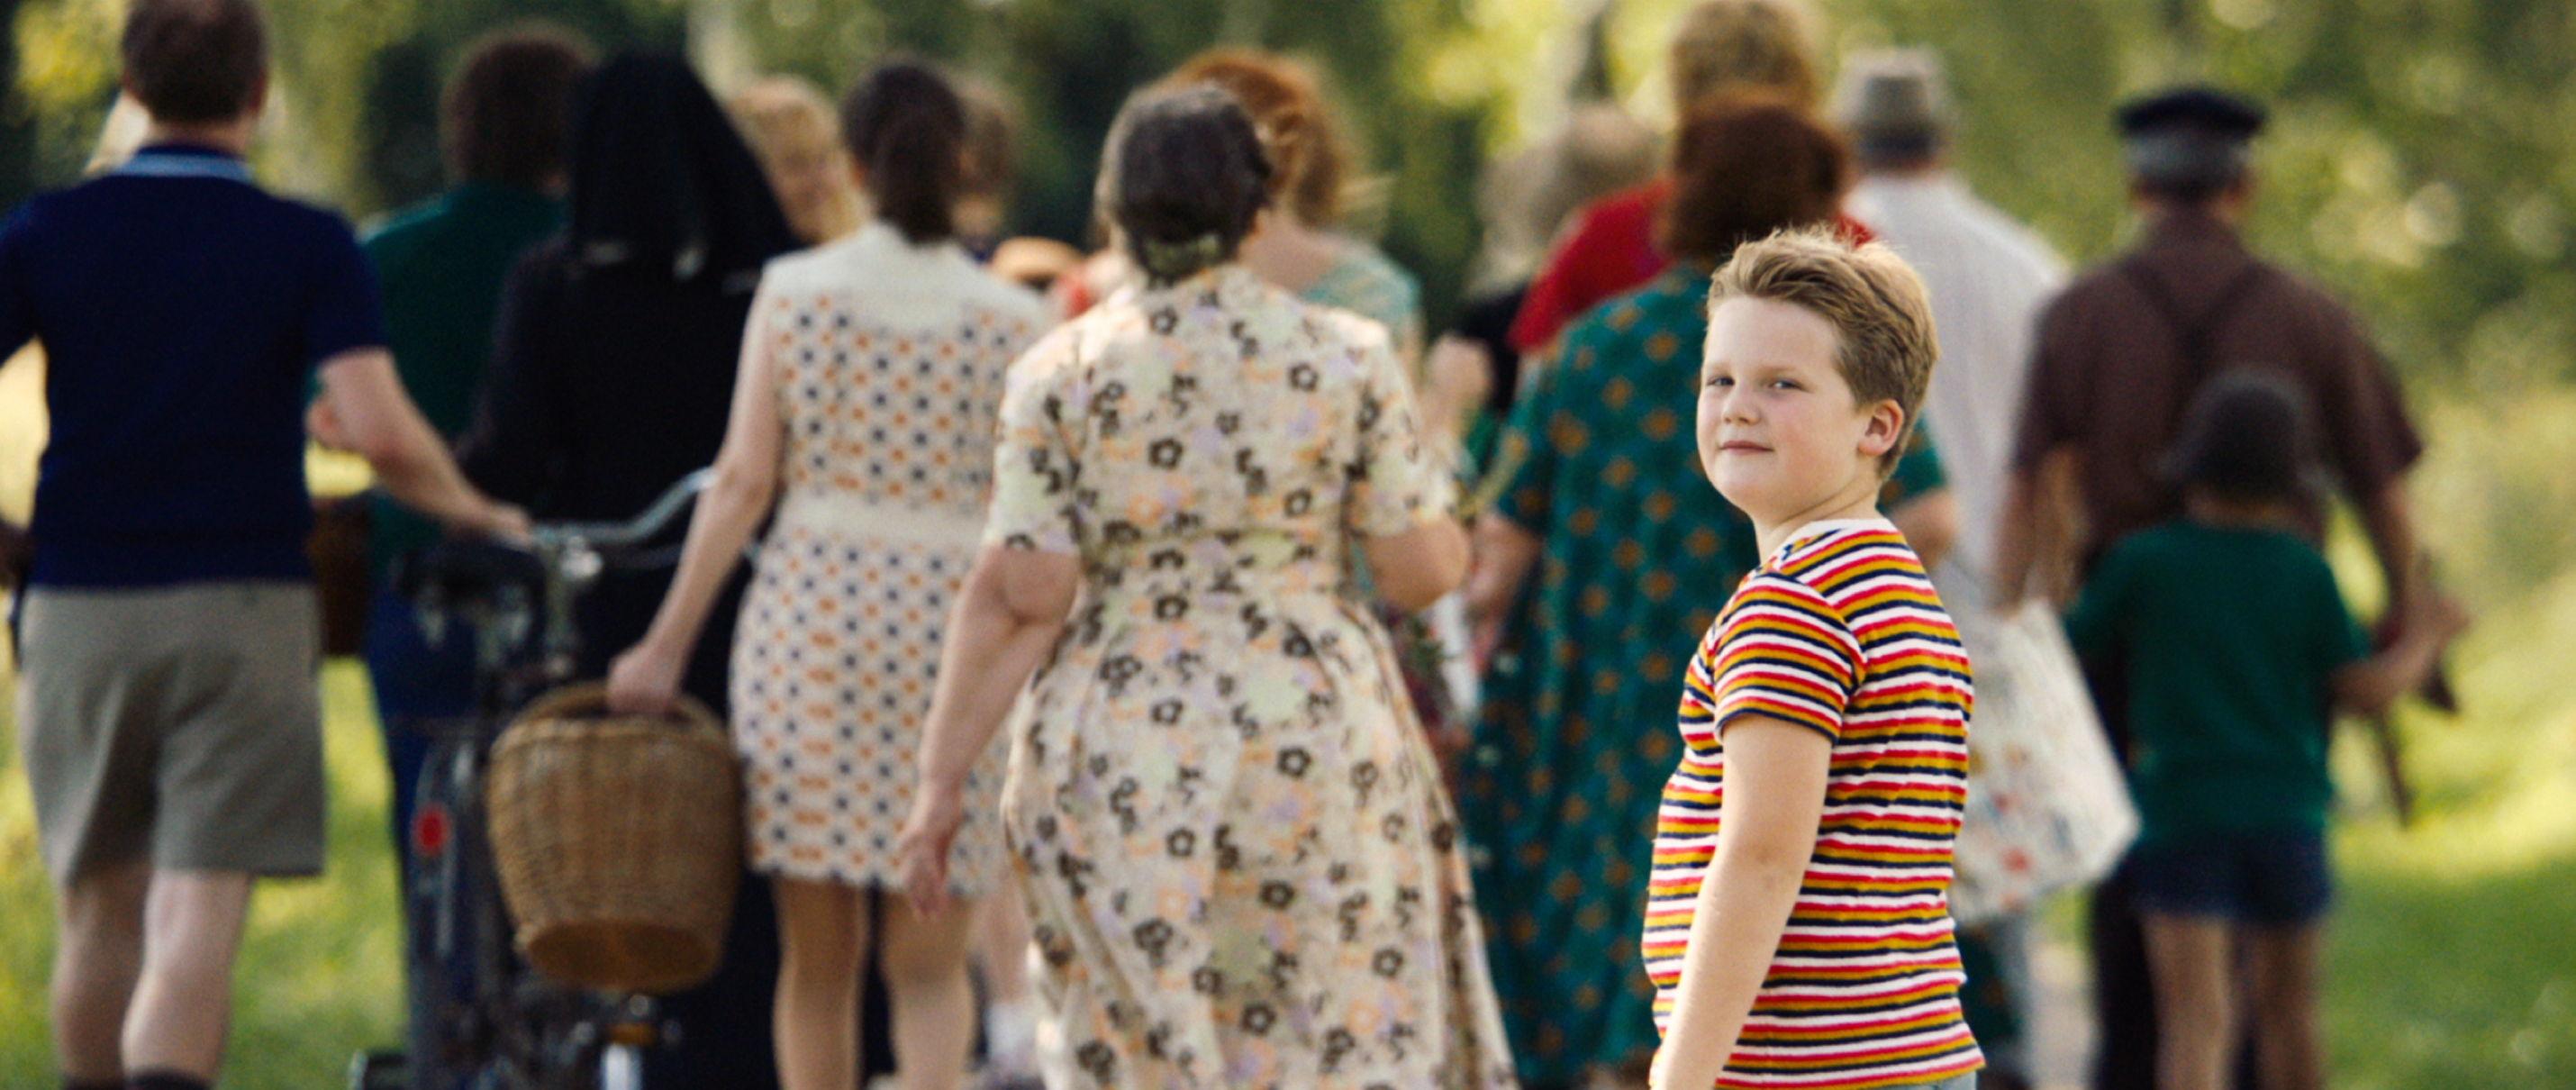 Der Junge muss an die frische Luft - Julius Weckauf spielt Hape Kerkeling - Regie Caroline Link - Kamera Judith Kaufmann